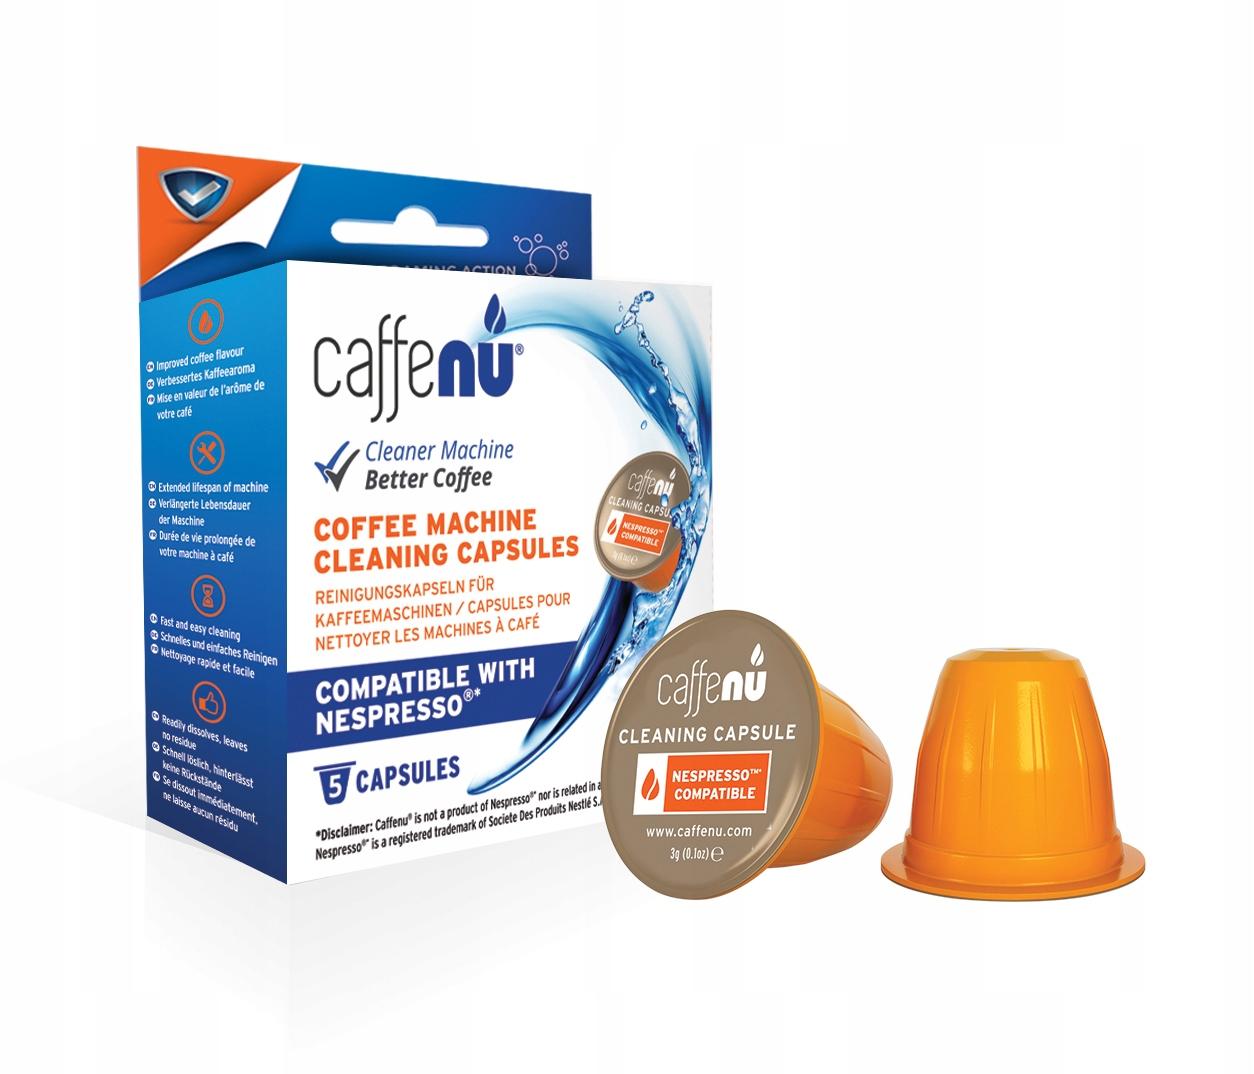 CaffeNu-kapsułki czyszczące do Nespresso (5 sztuk)